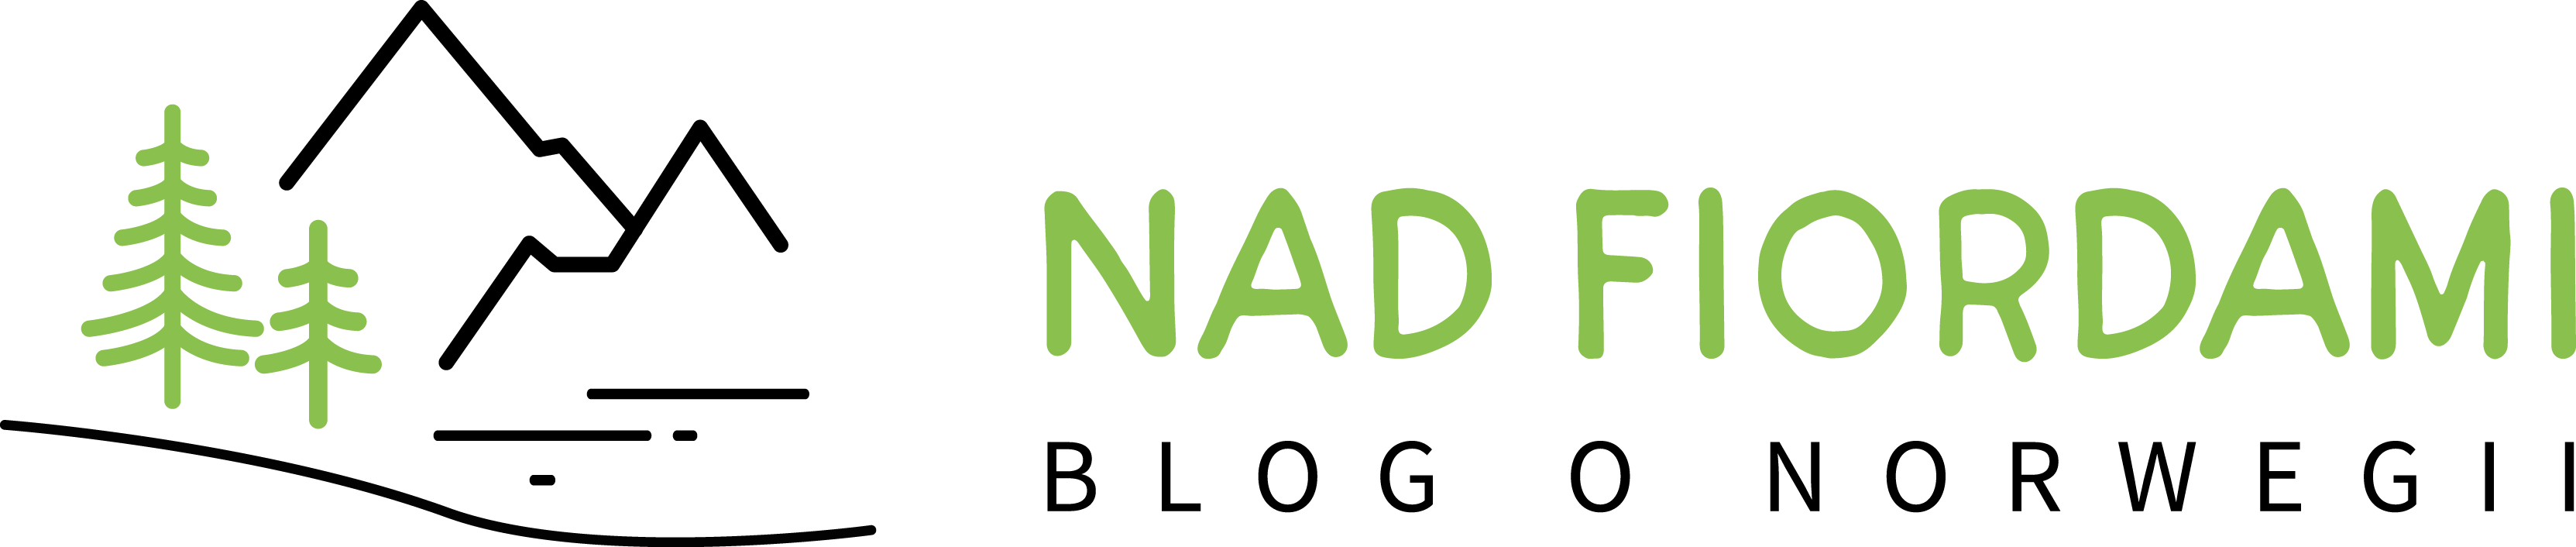 Nadfiordami.pl